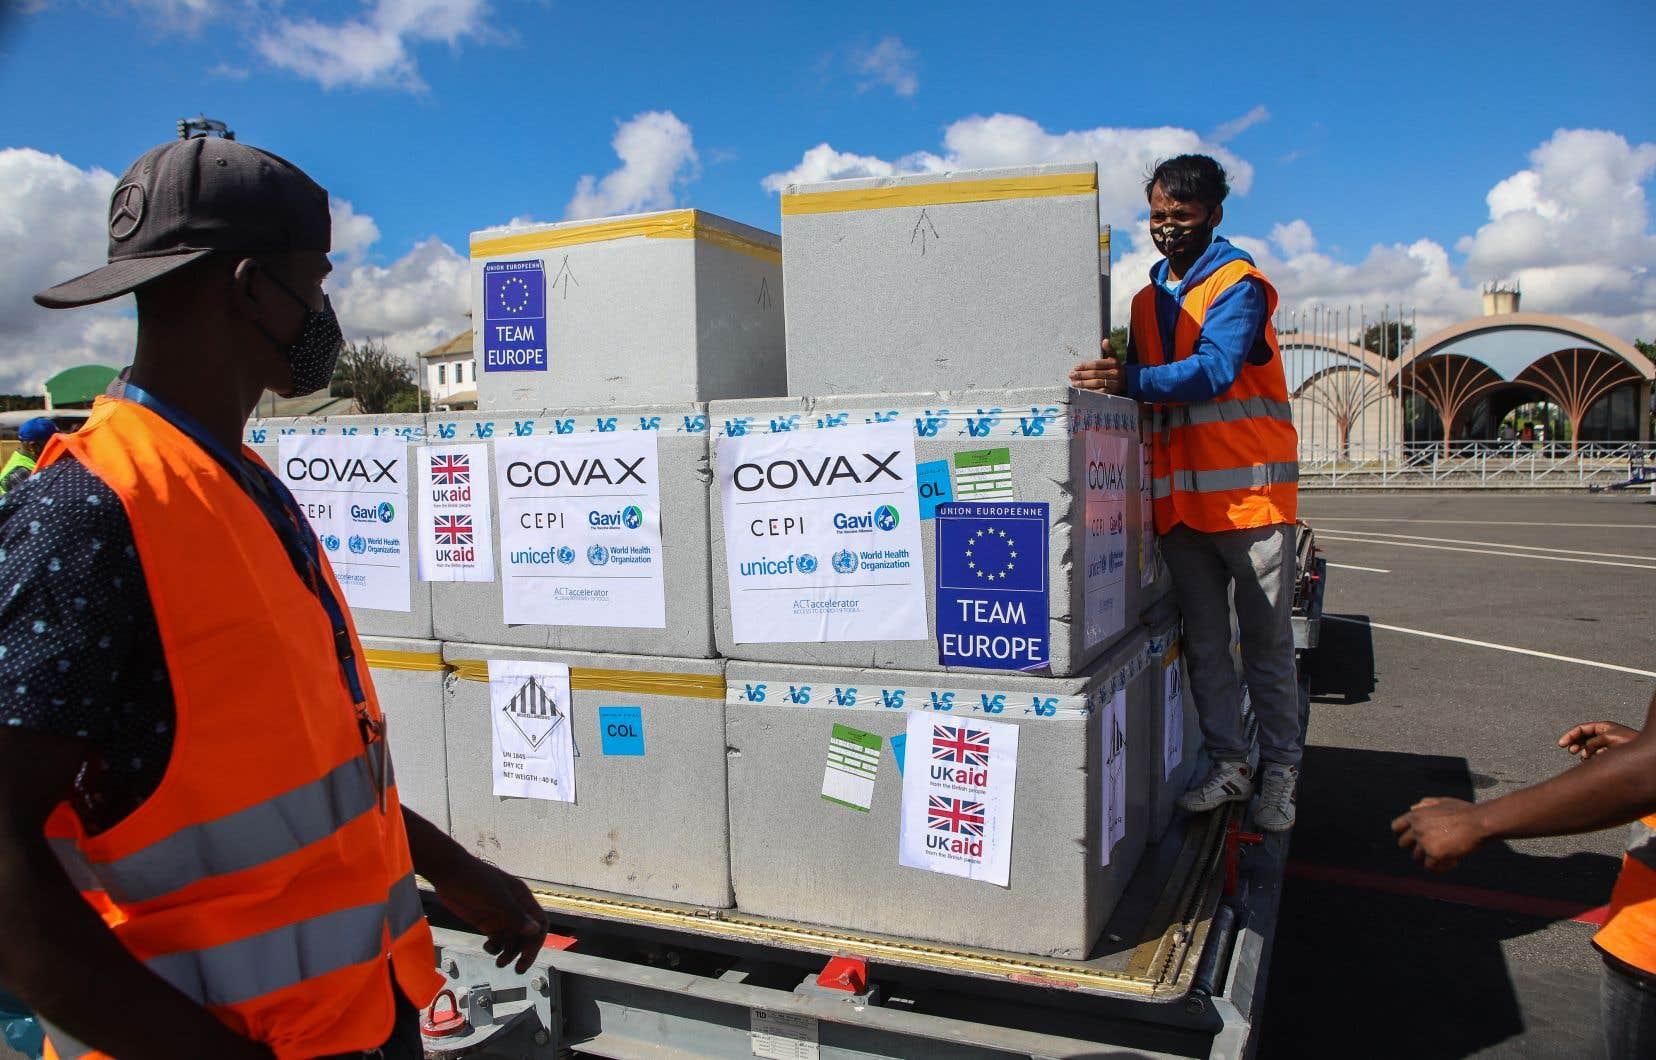 Le programme COVAX, destiné aux pays à faible revenu, a montré ses limites.